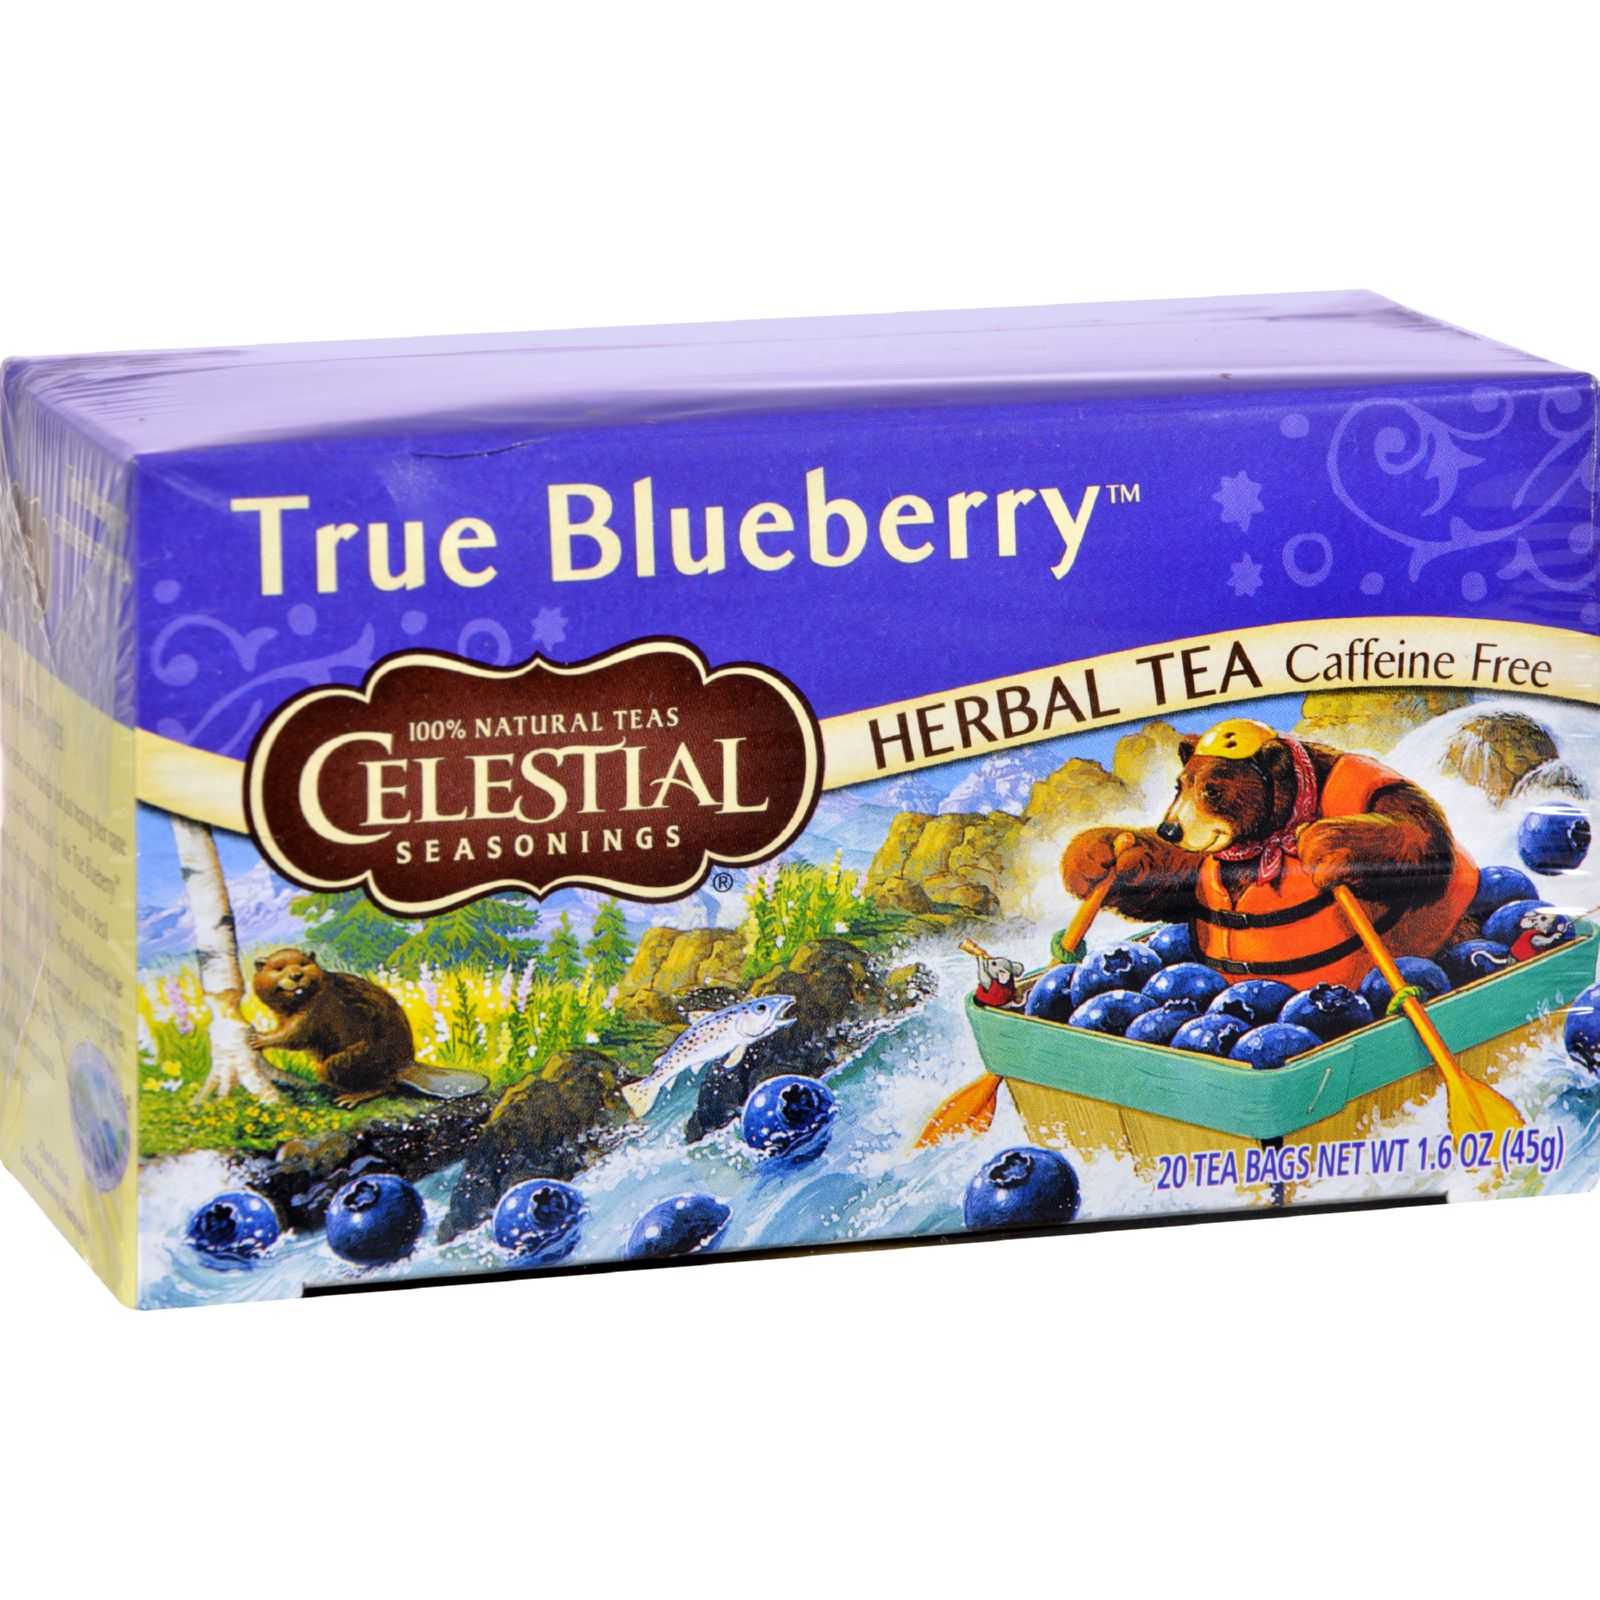 Celestial Seasonings Herbal Tea Caffeine Free True Blueberry 20 Bags (Pack of 3) by U-Nutra